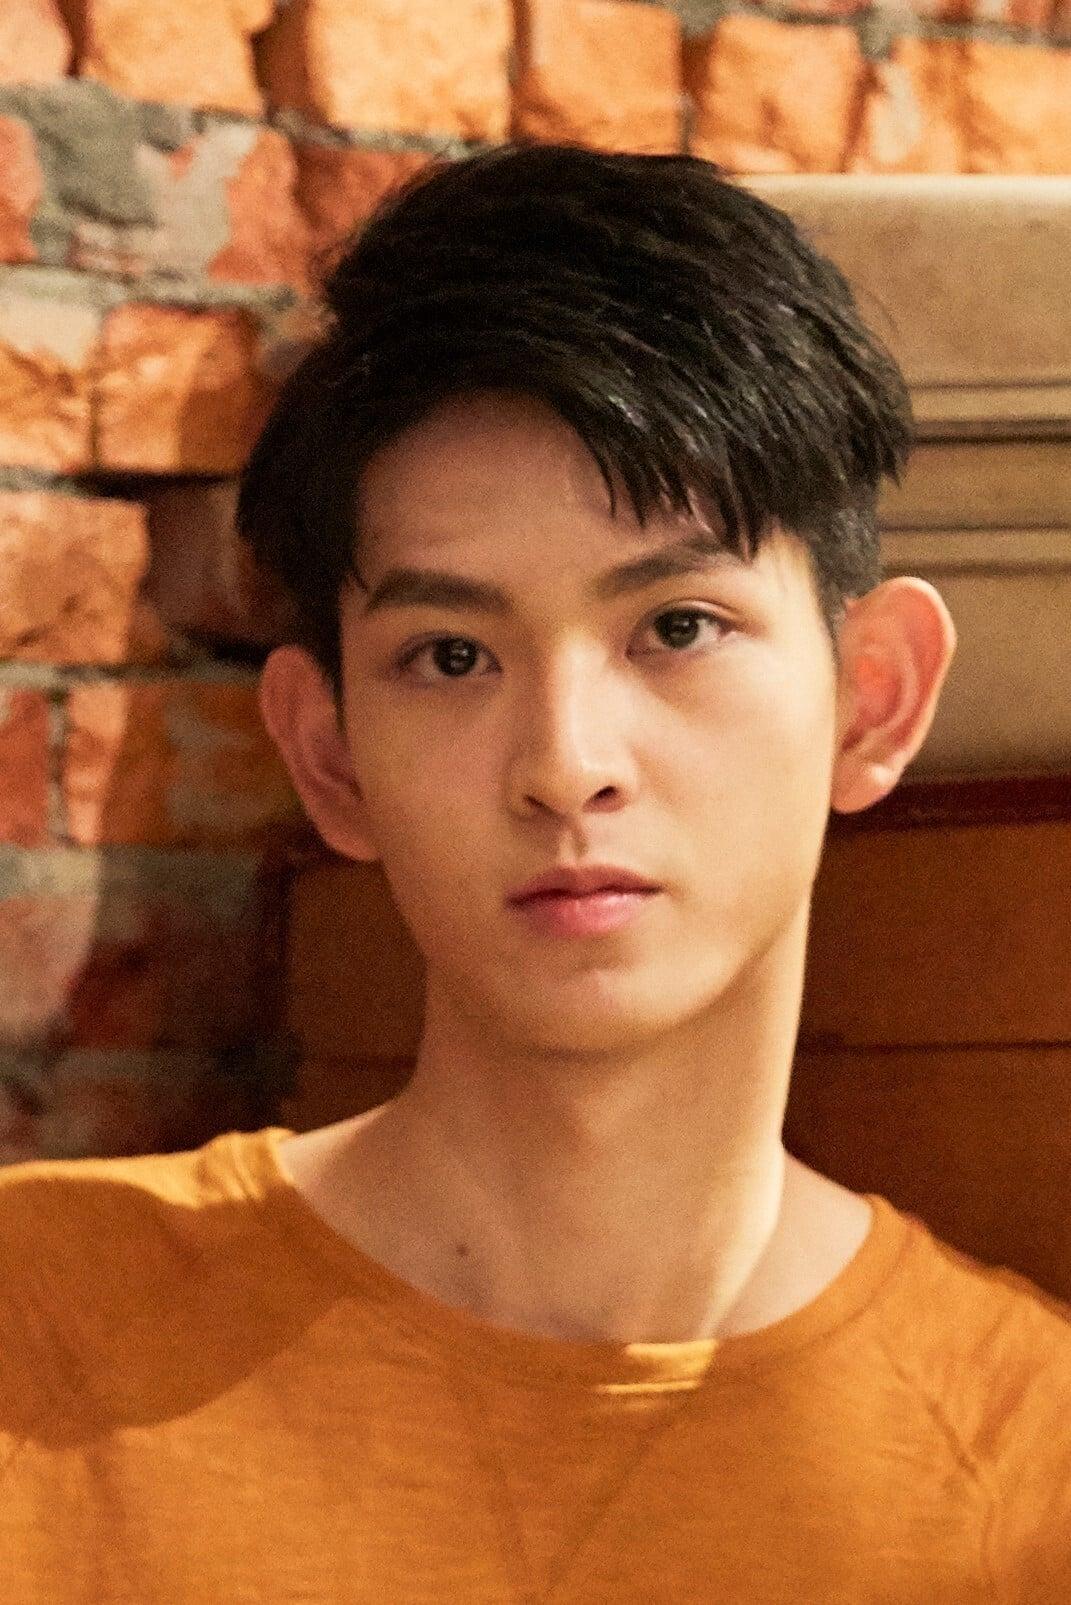 Deng Yukai